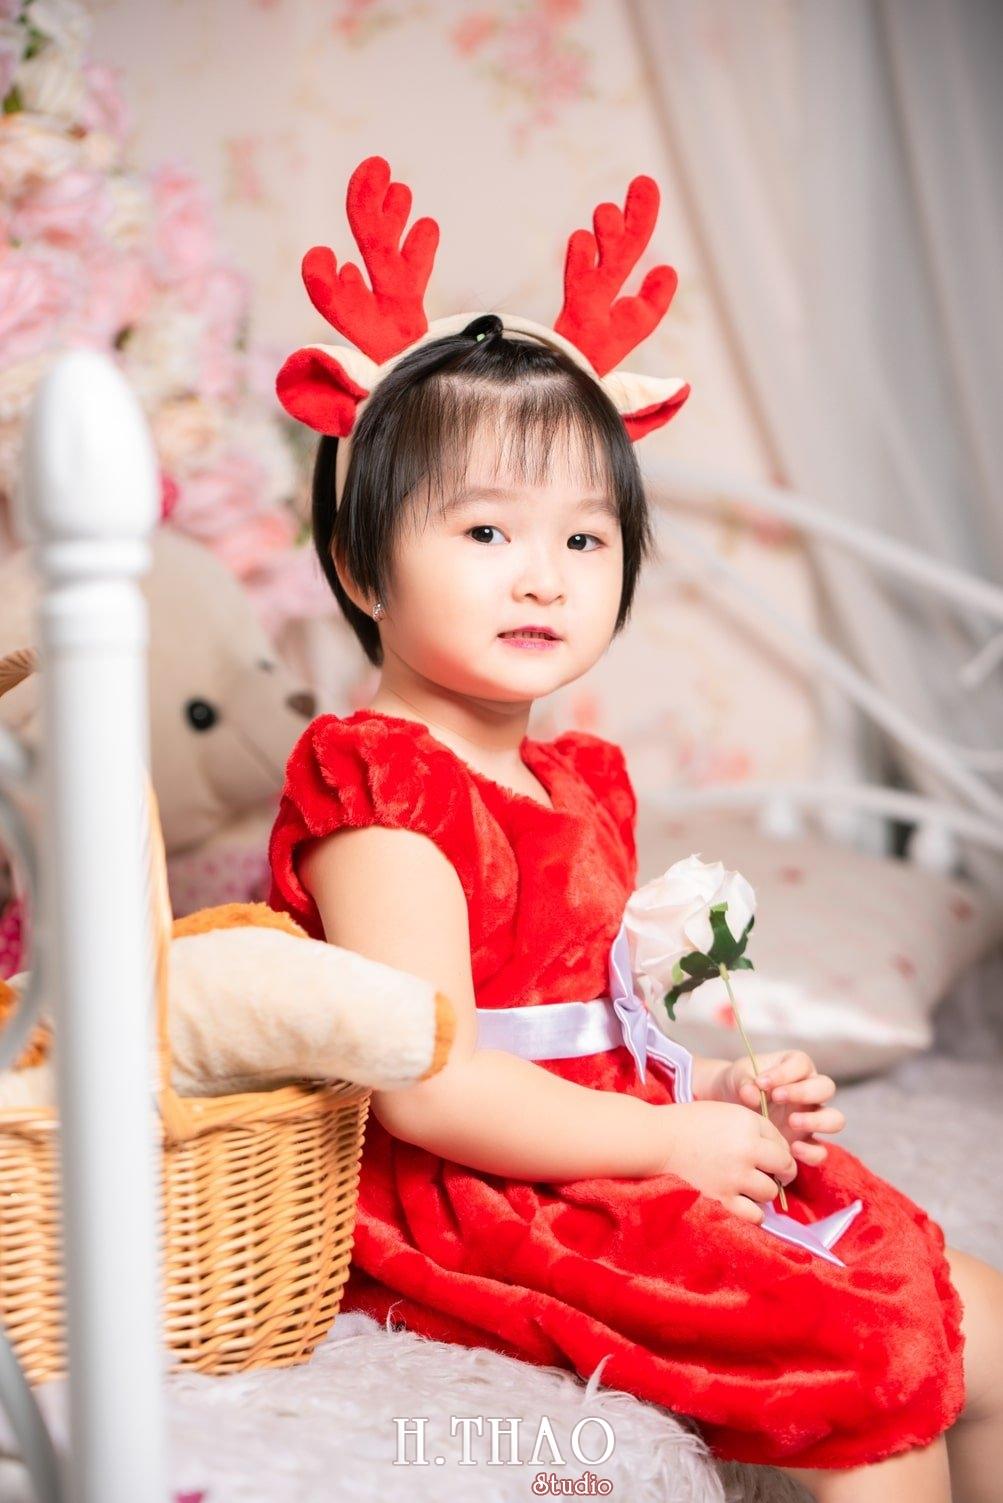 Anh be noel 12 - Album ảnh noel chụp cho con gái cưng chị Linh - HThao Studio